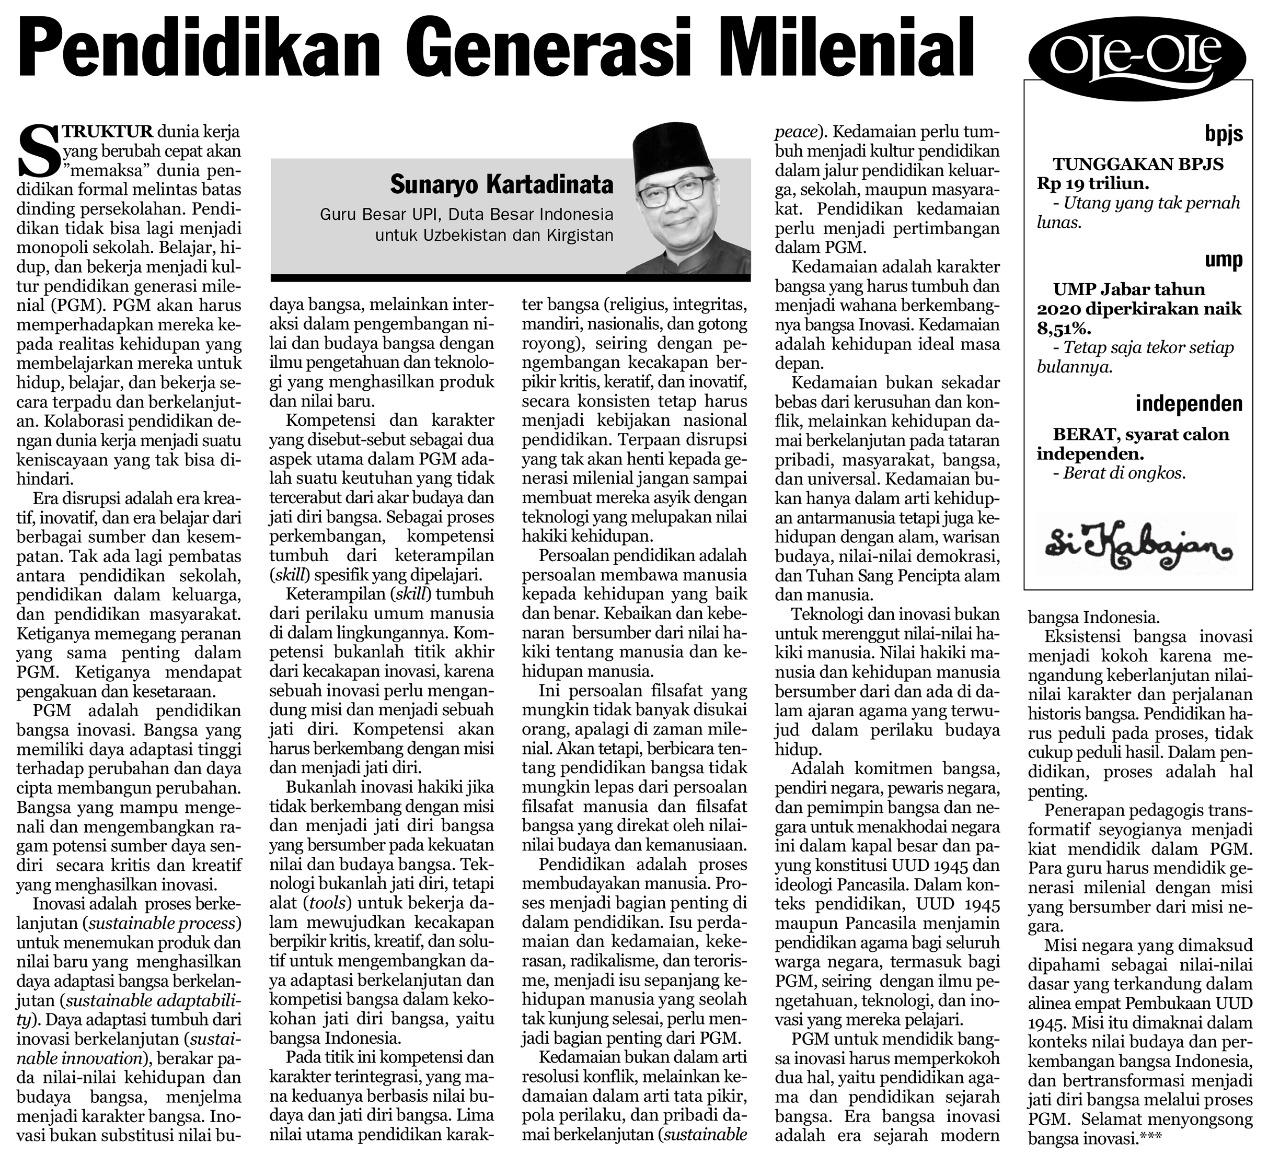 Pendidikan Generasi Milenial, Opini Ketua Umum ISPI